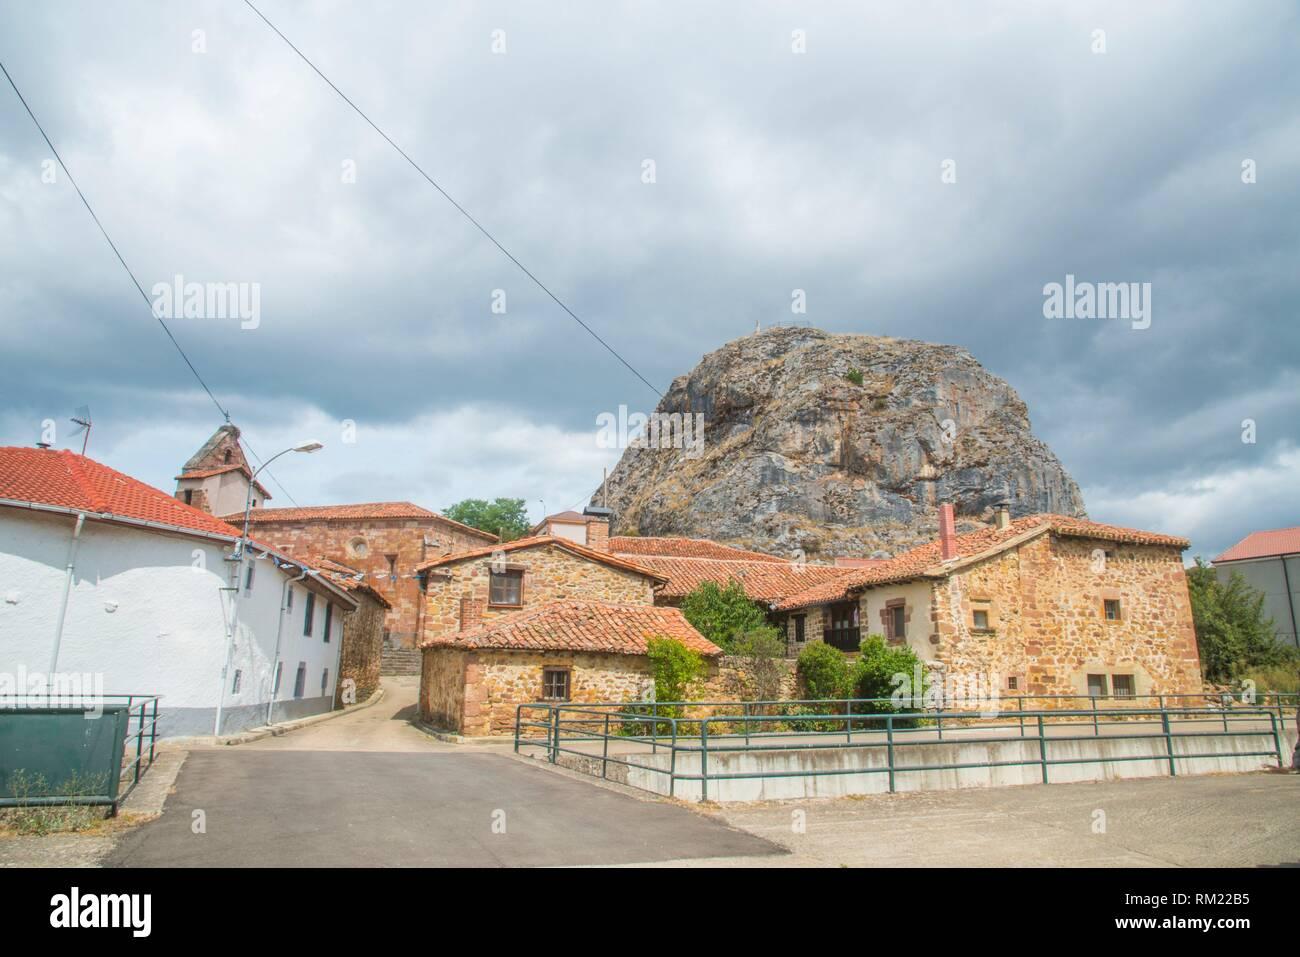 Muda, Palencia province, Castilla Leon, Spain. - Stock Image